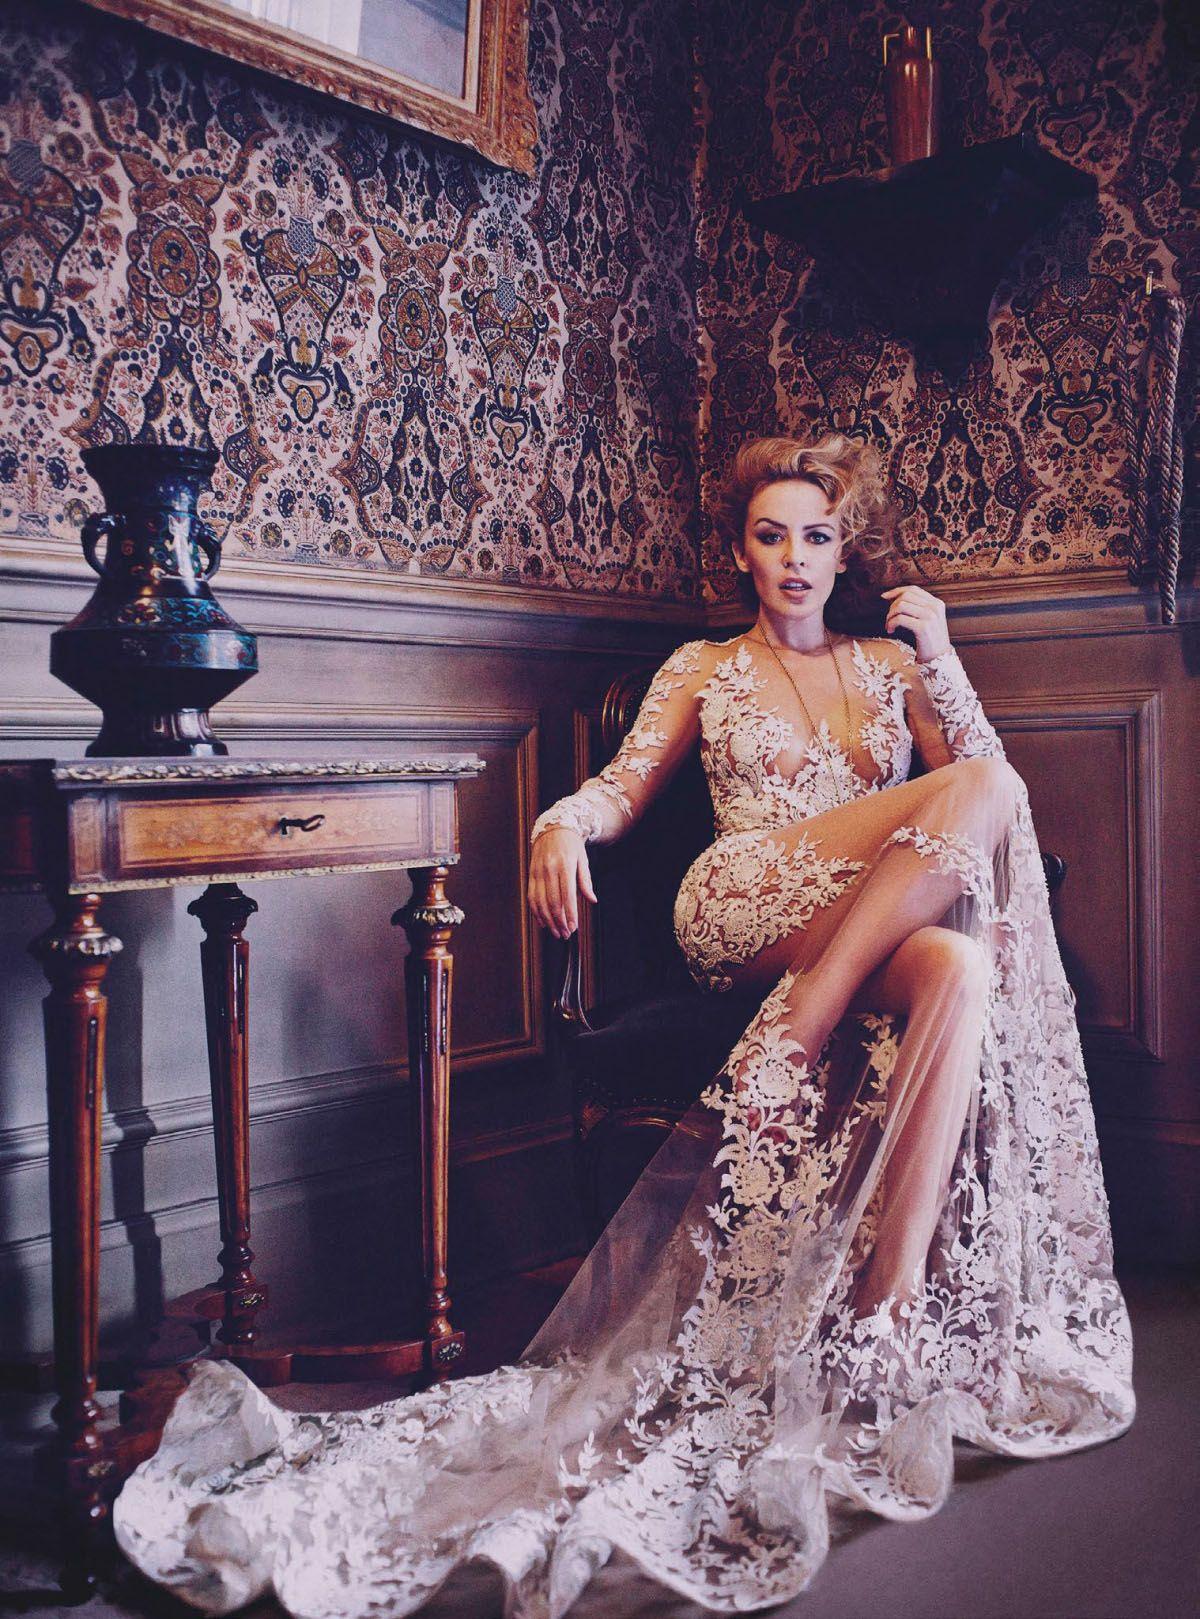 The Divine Ms. M x Kylie Minogue by Will Davidson @ Vogue Australia ...